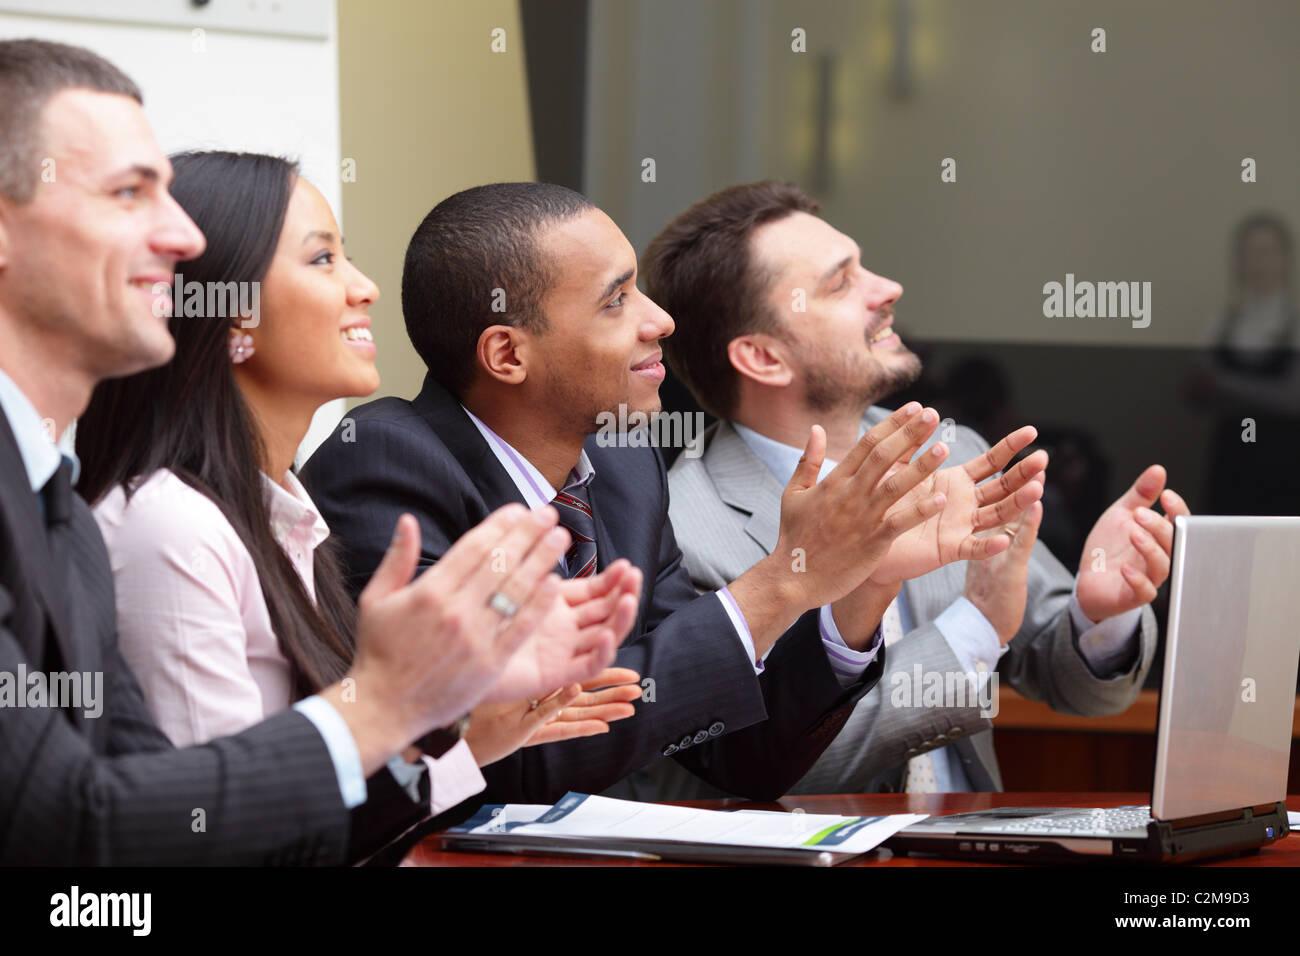 Entreprise multi ethnic group accueille quelqu'un avec des mains et souriant. L'accent sur l'homme afro Photo Stock